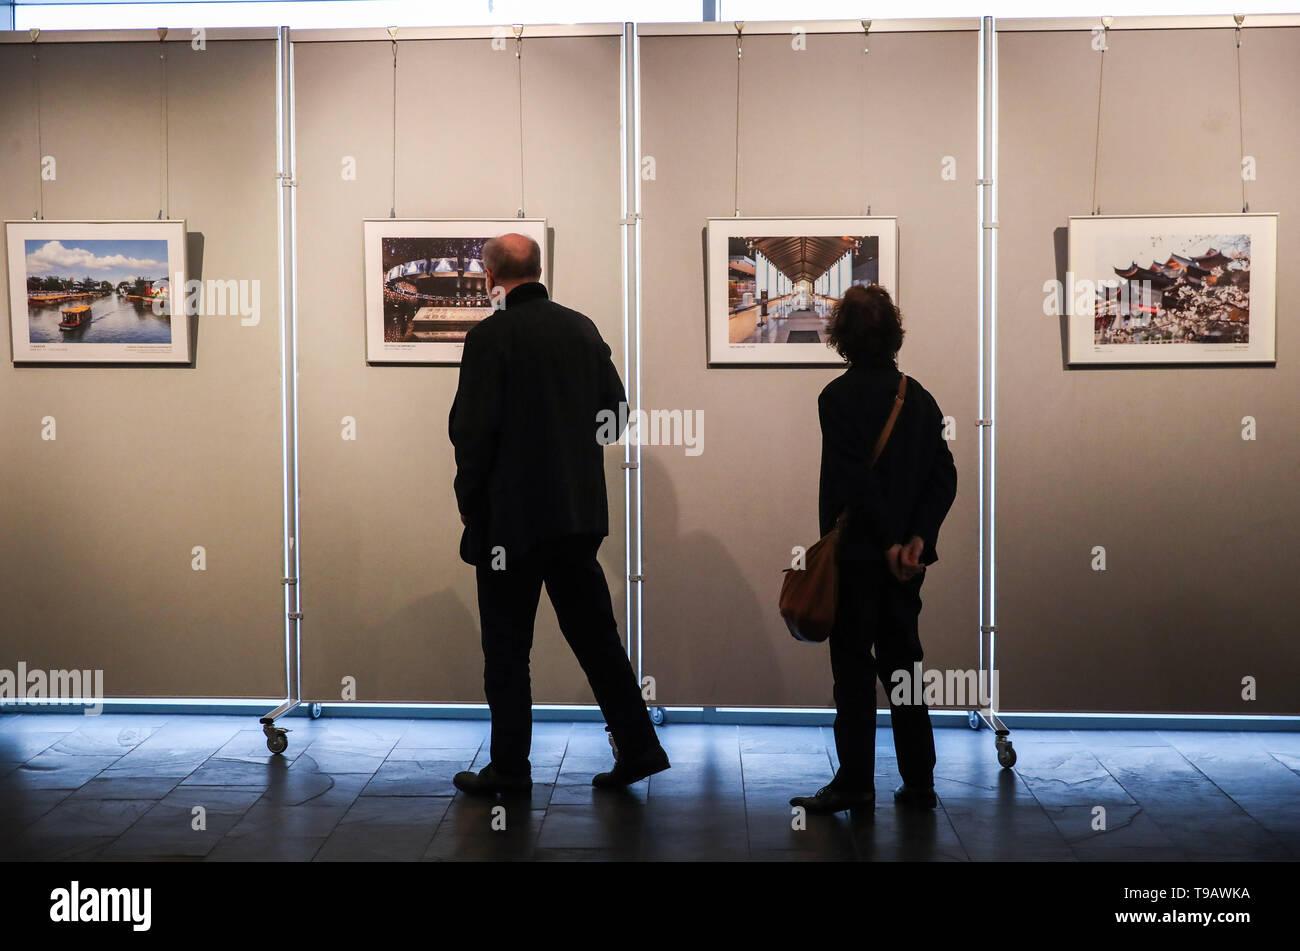 Berlín, Alemania. 17 de mayo de 2019. Los visitantes mira las imágenes mostradas durante semanas Nanjing Cultural y Turística en el Centro Cultural de China en Berlín, capital de Alemania, el 17 de mayo de 2019. Crédito: Shan Yuqi/Xinhua/Alamy Live News Foto de stock